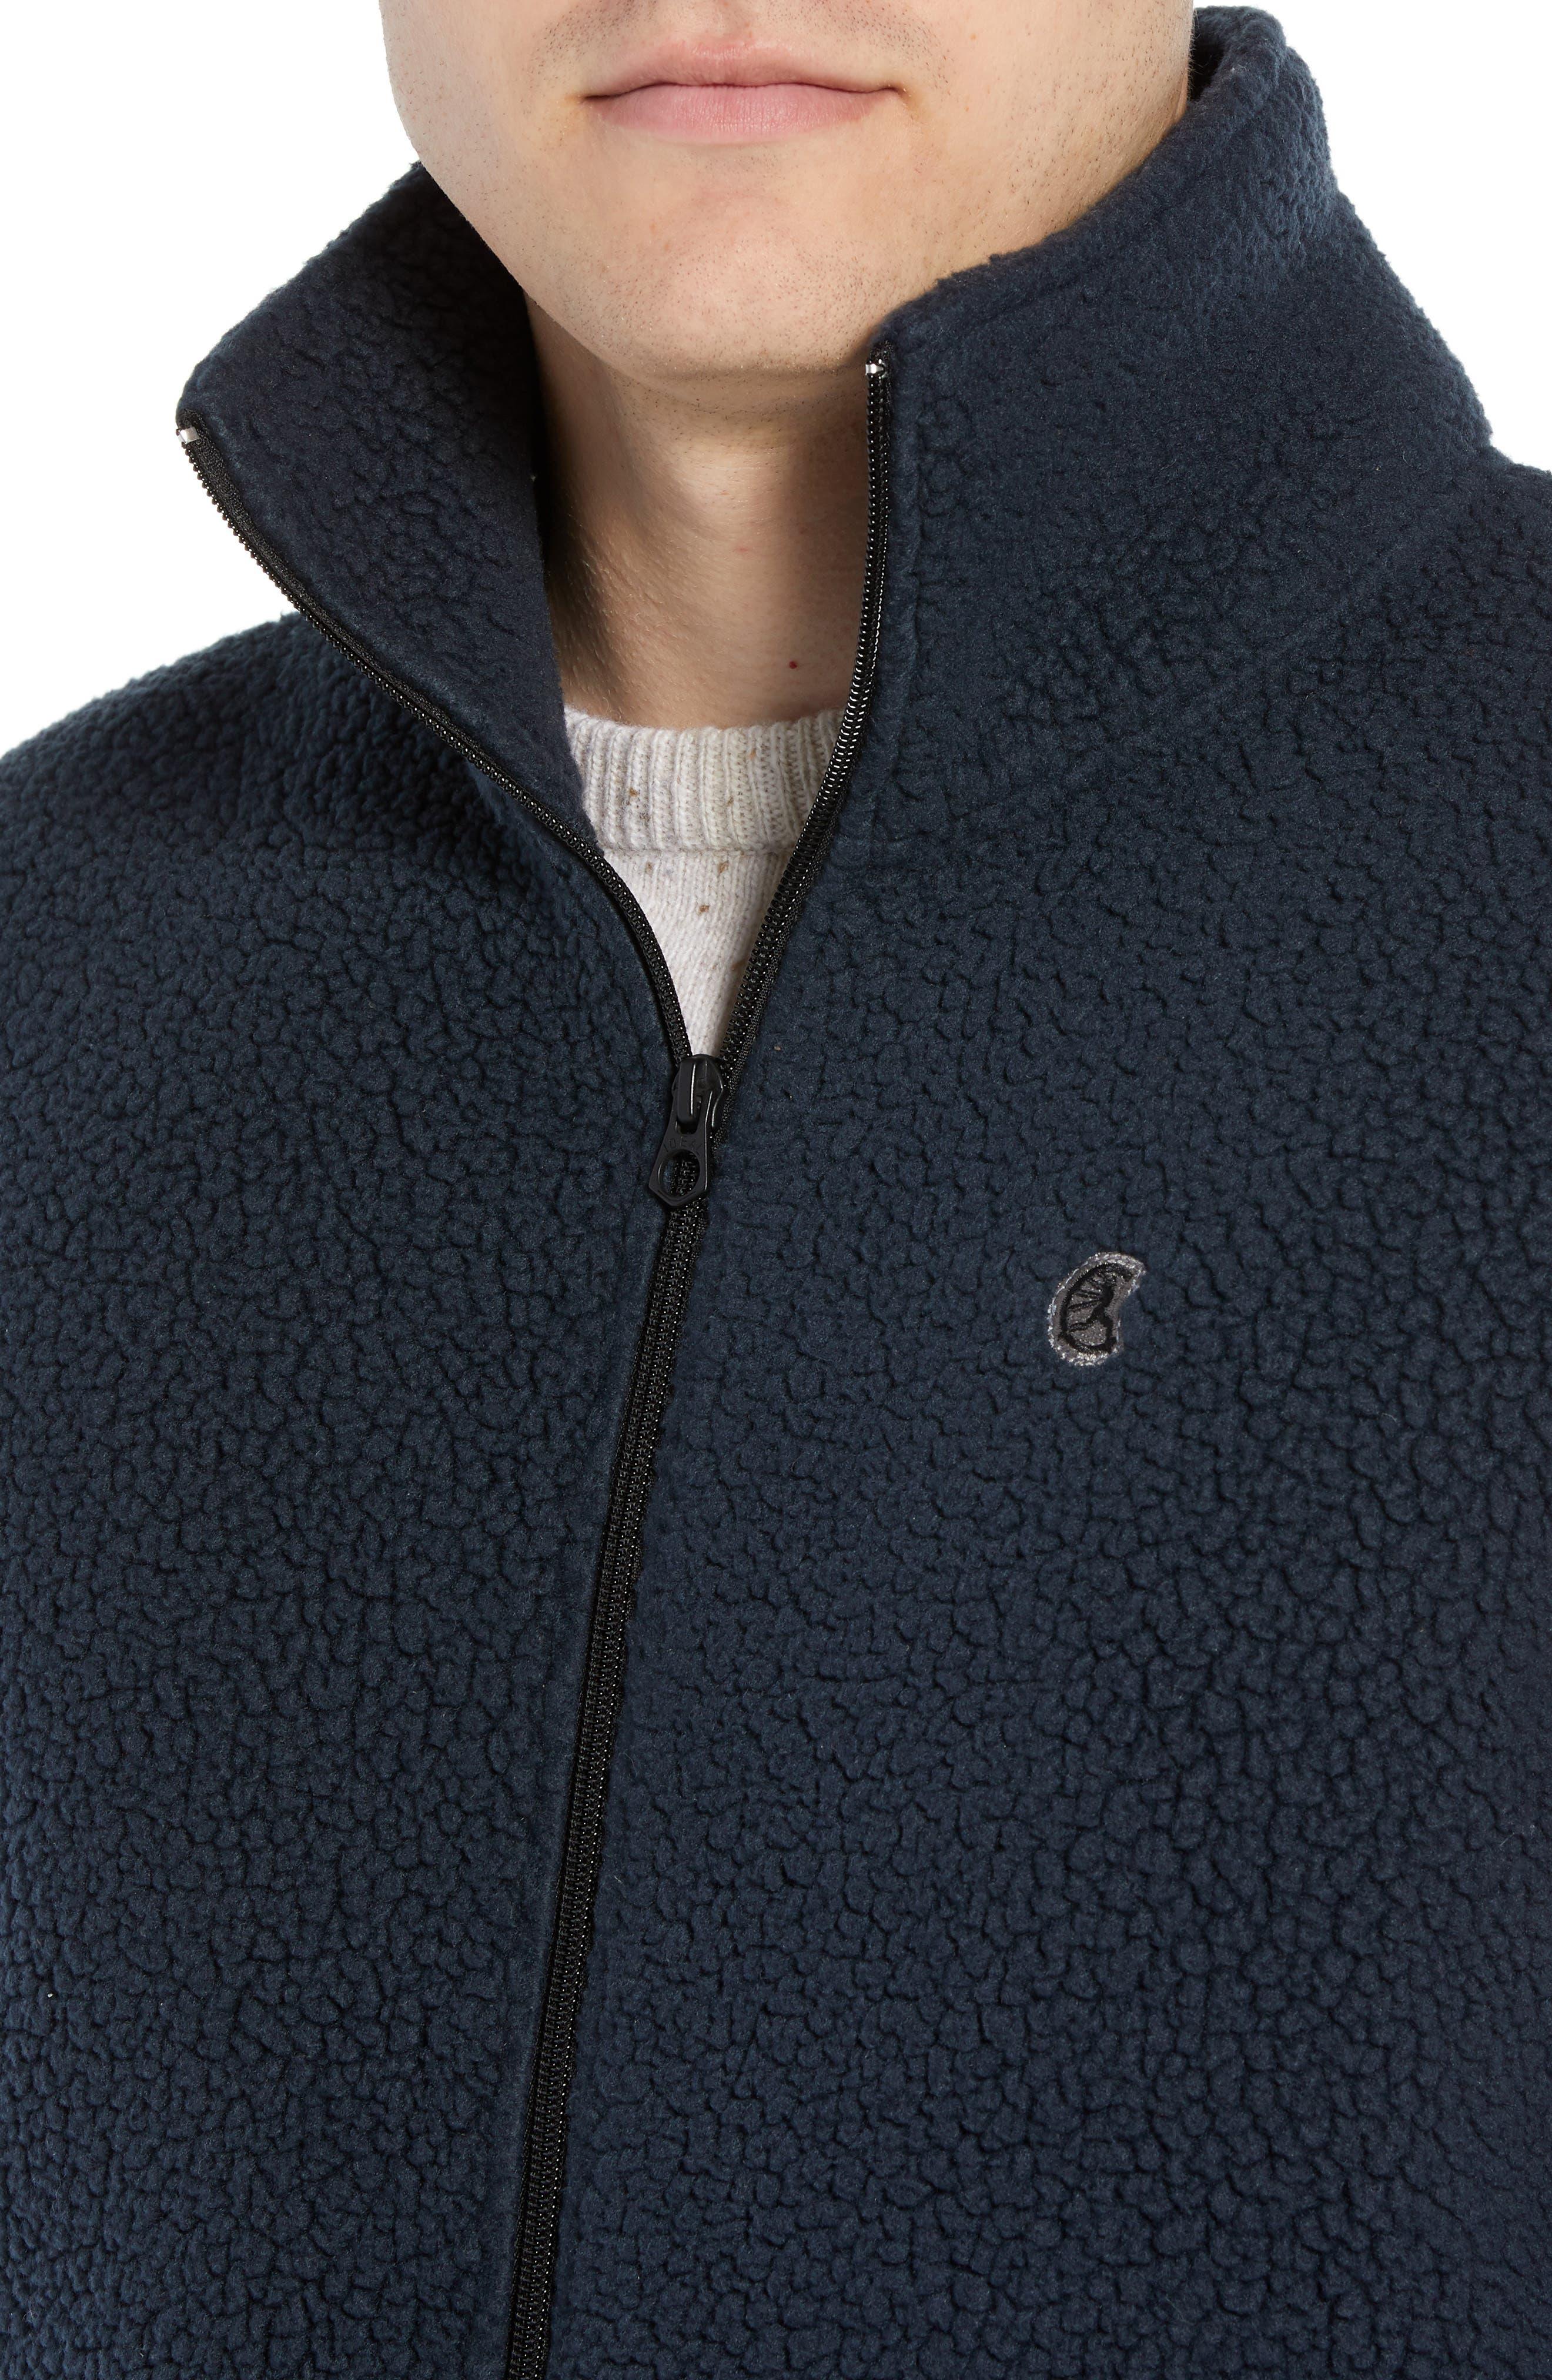 Fleece Zip Vest,                             Alternate thumbnail 4, color,                             NAVY